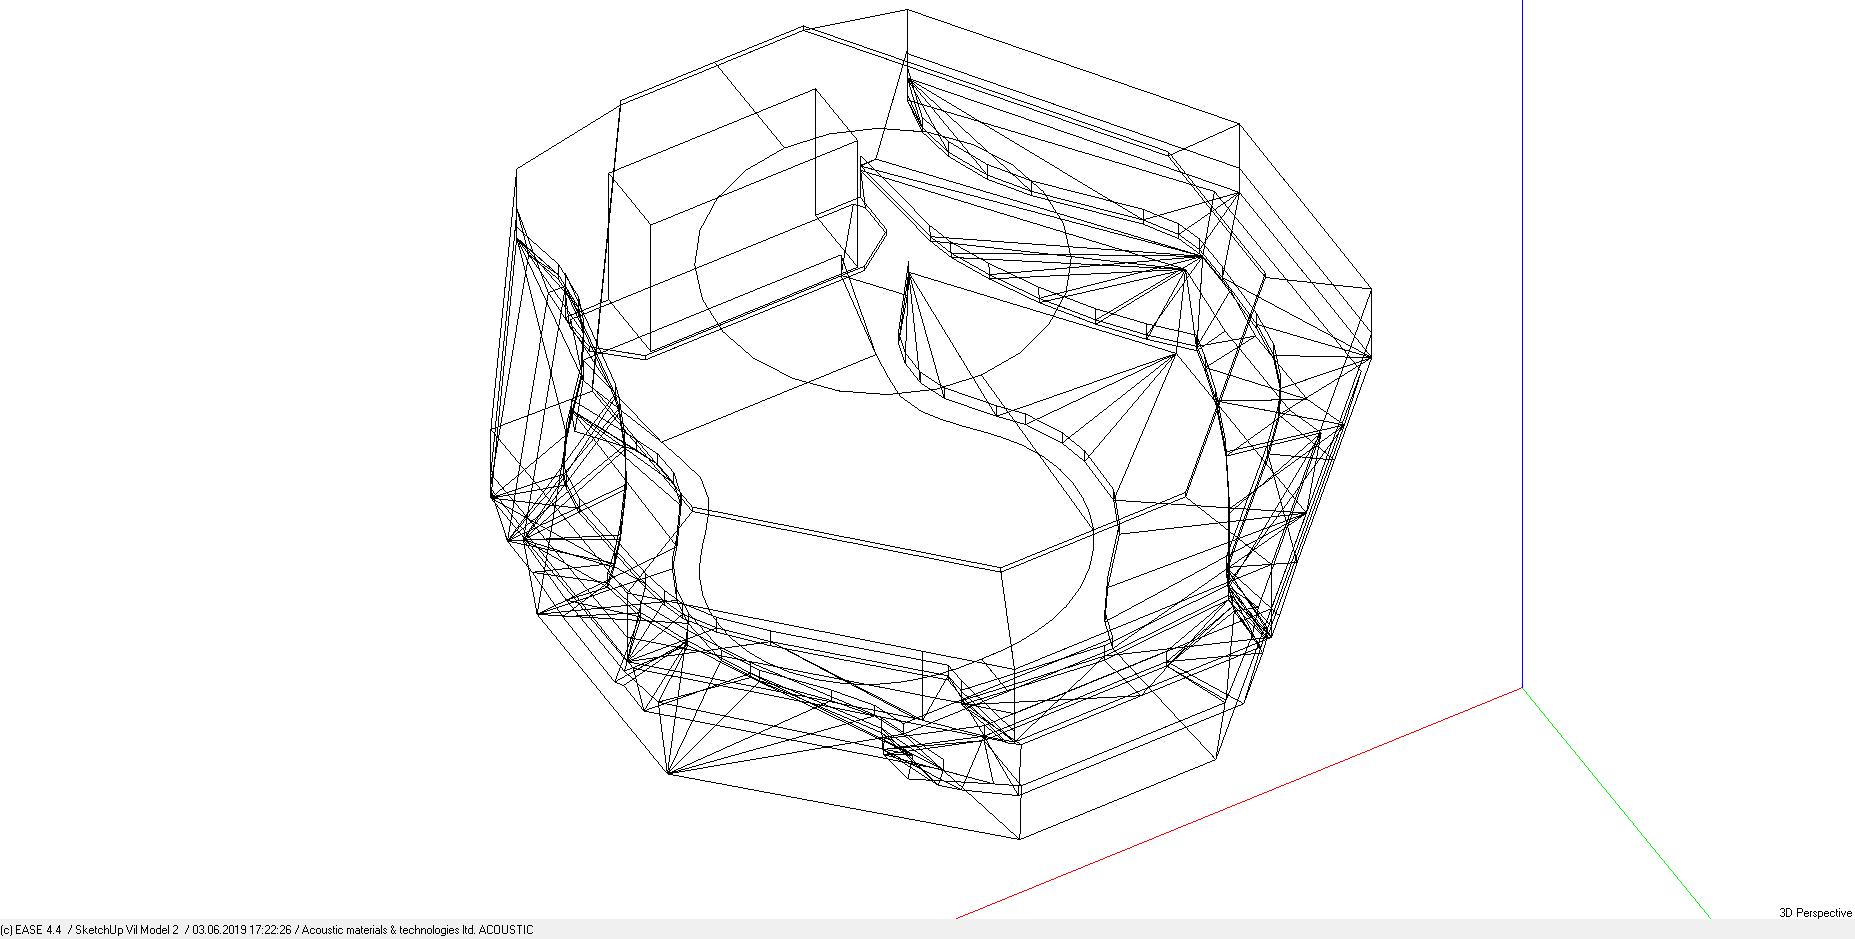 image-1-5: vilnius